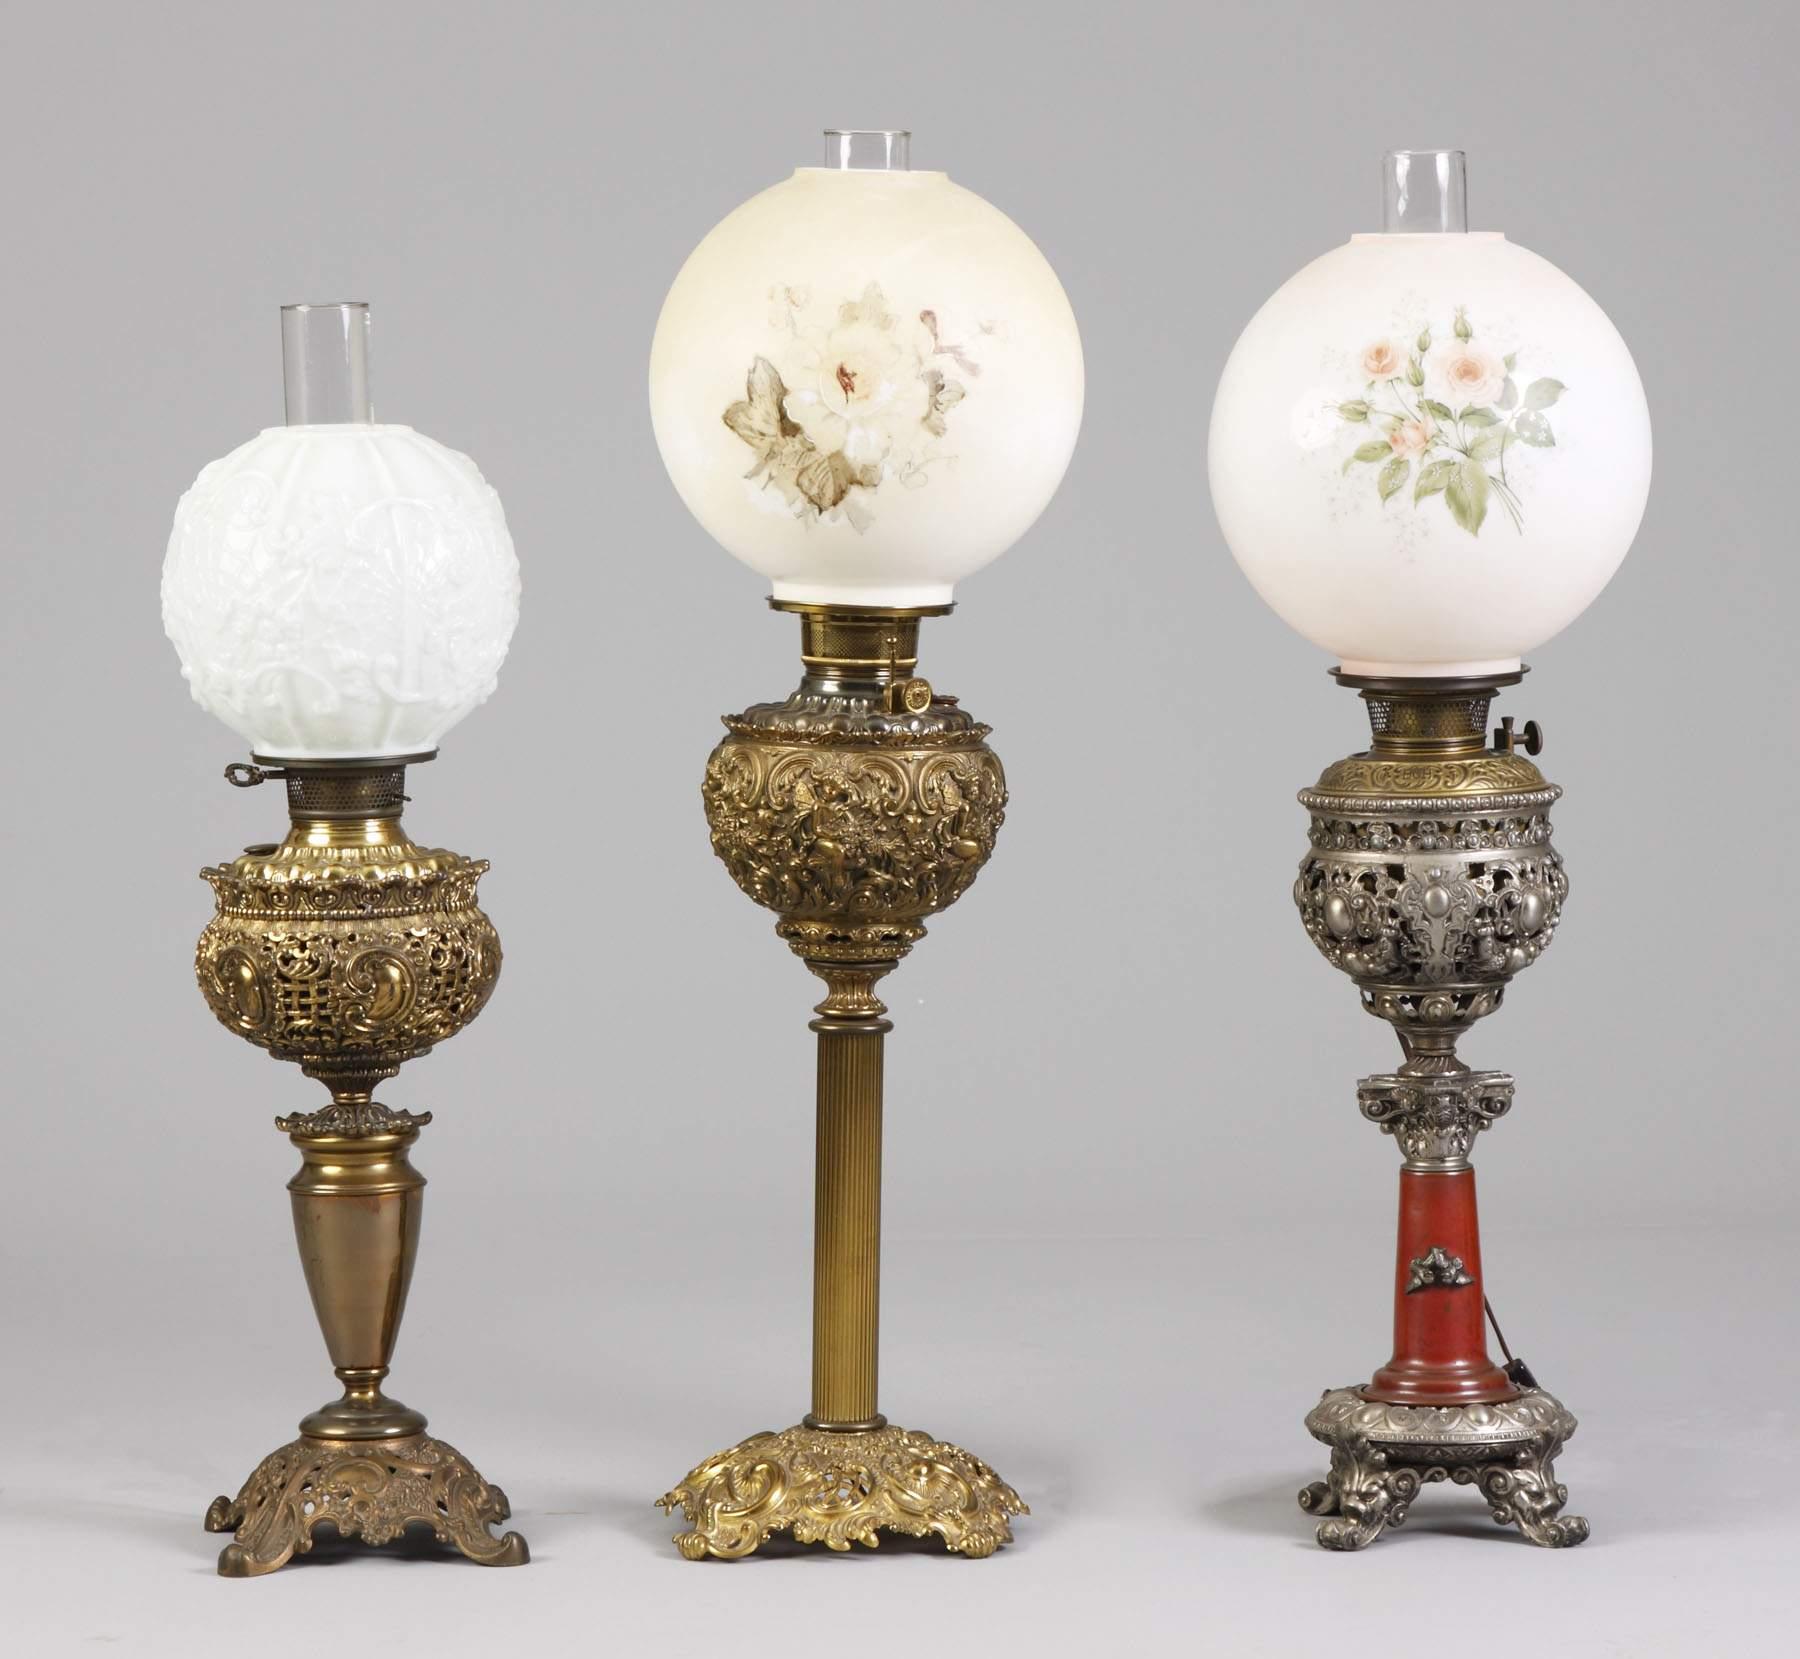 L - Victorian Brass Banquet Lamp, C - Victorian Brass Banquet Lamp ...